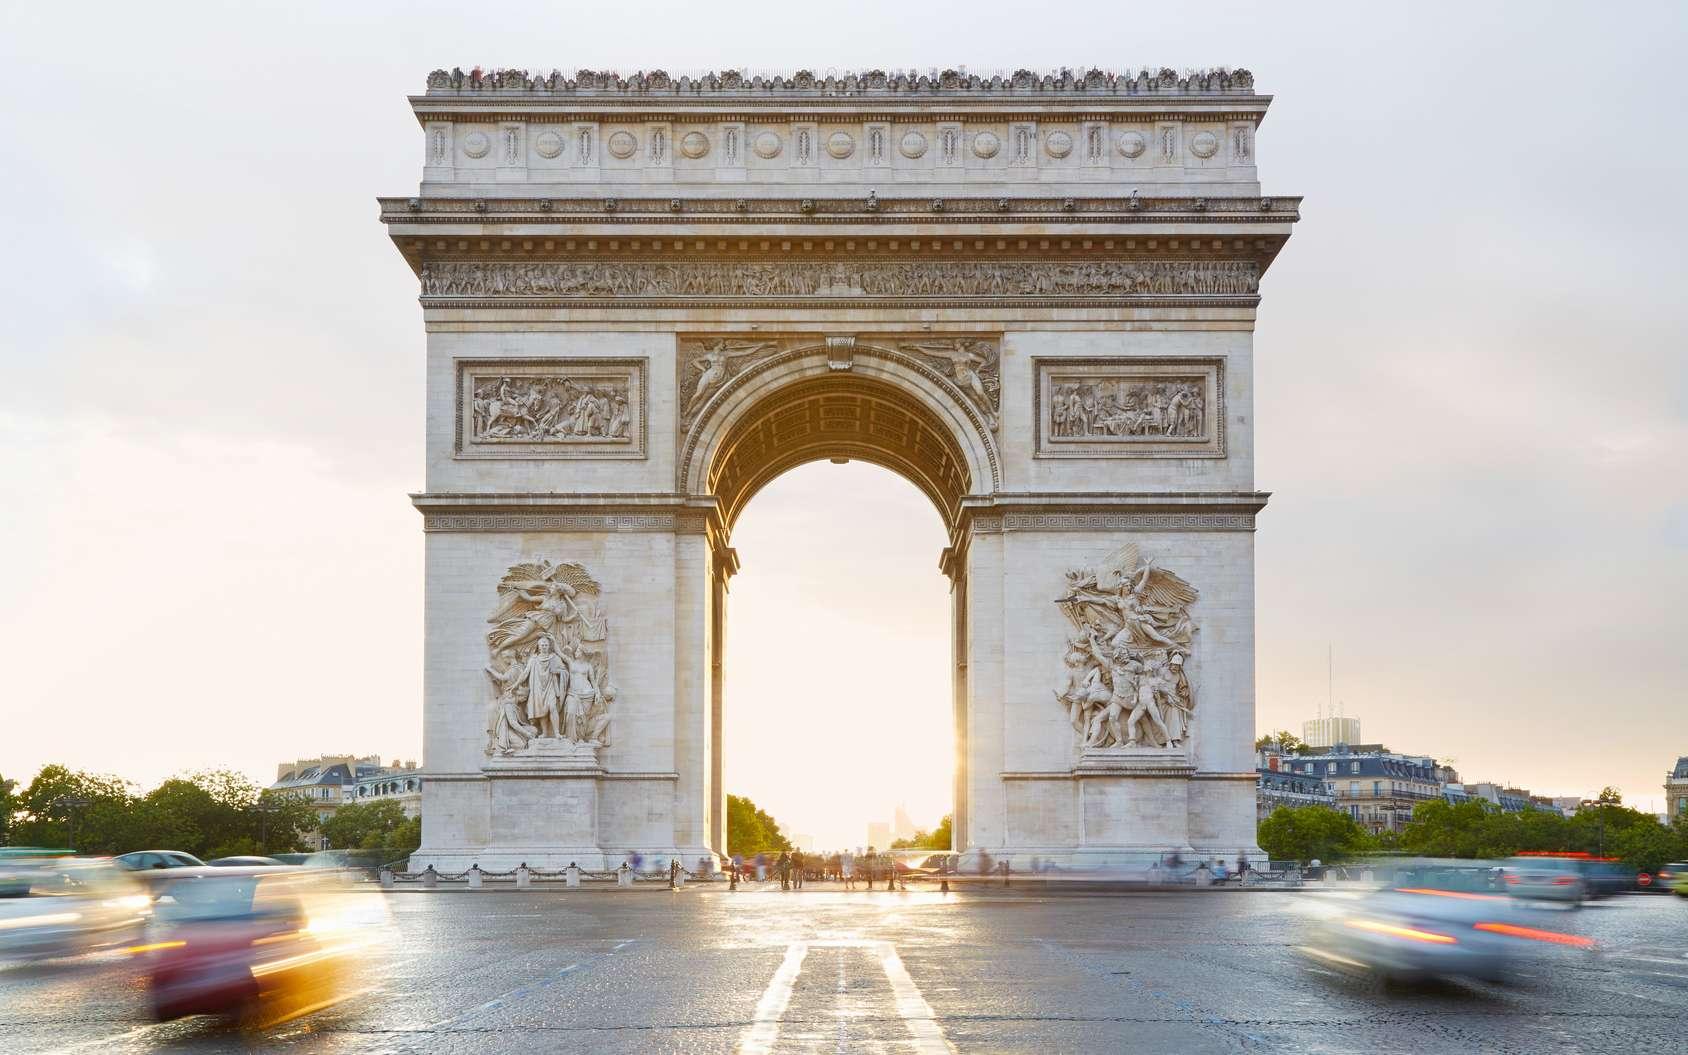 Les sculptures de l'Arc de triomphe ont été pensées dans les moindres détails. © andersphoto, Fotolia